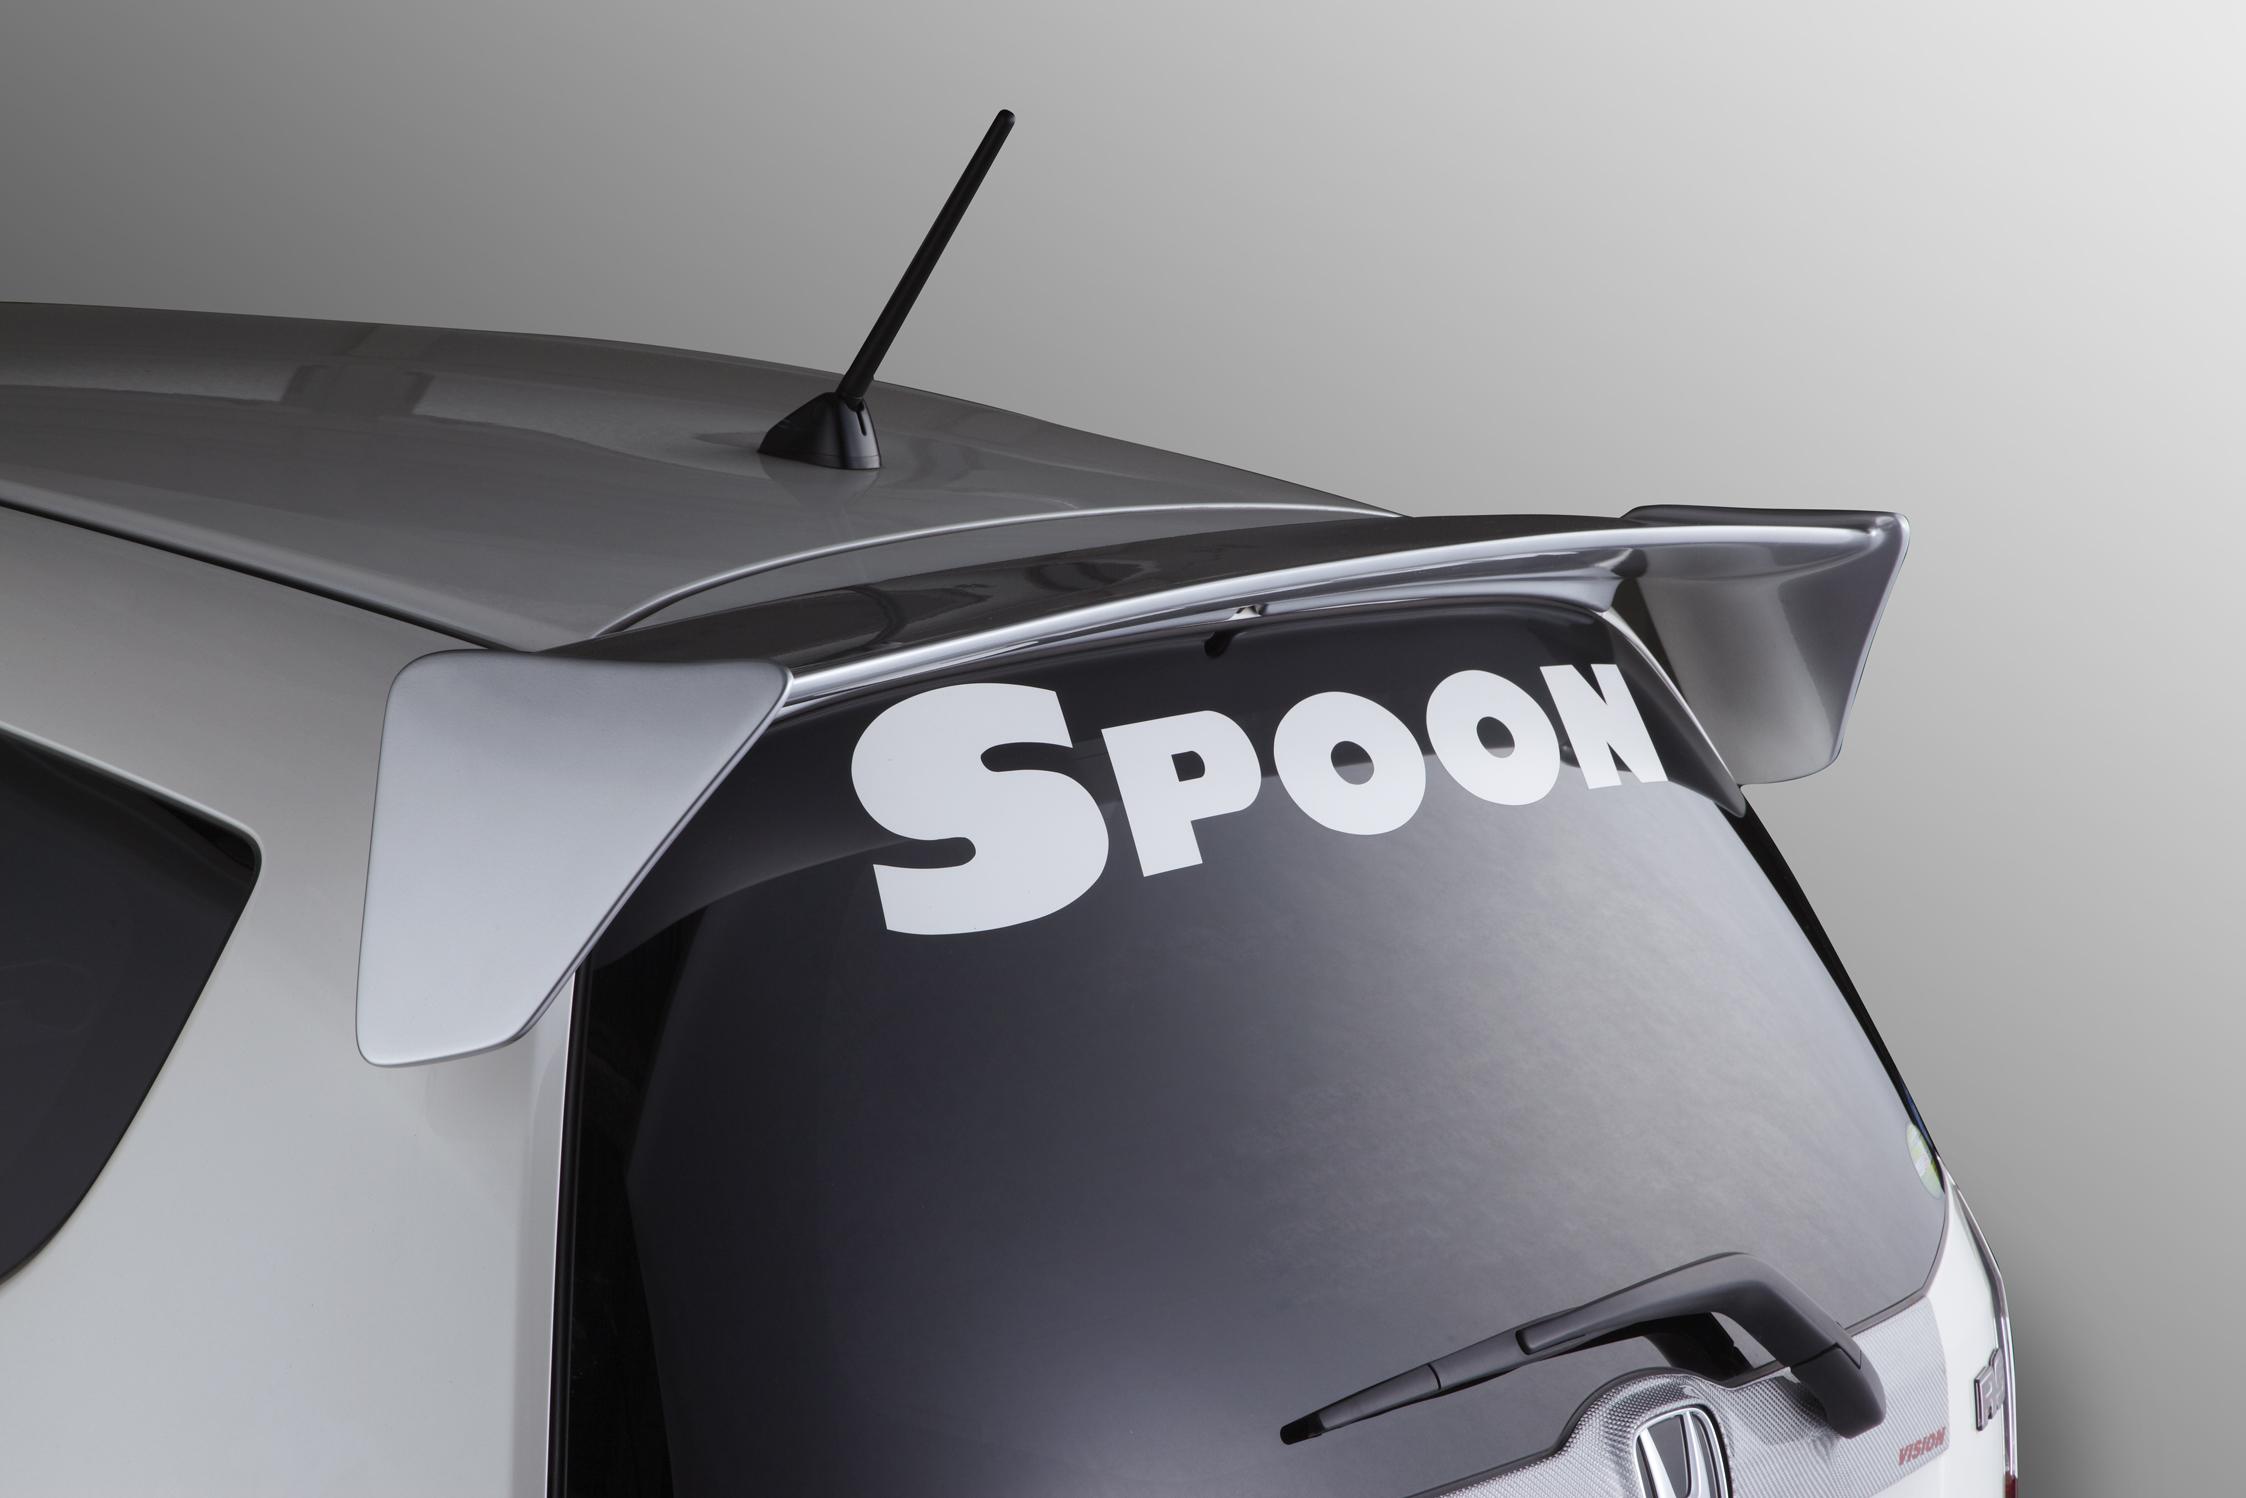 Jazz Spoon Spoiler -GEA-000